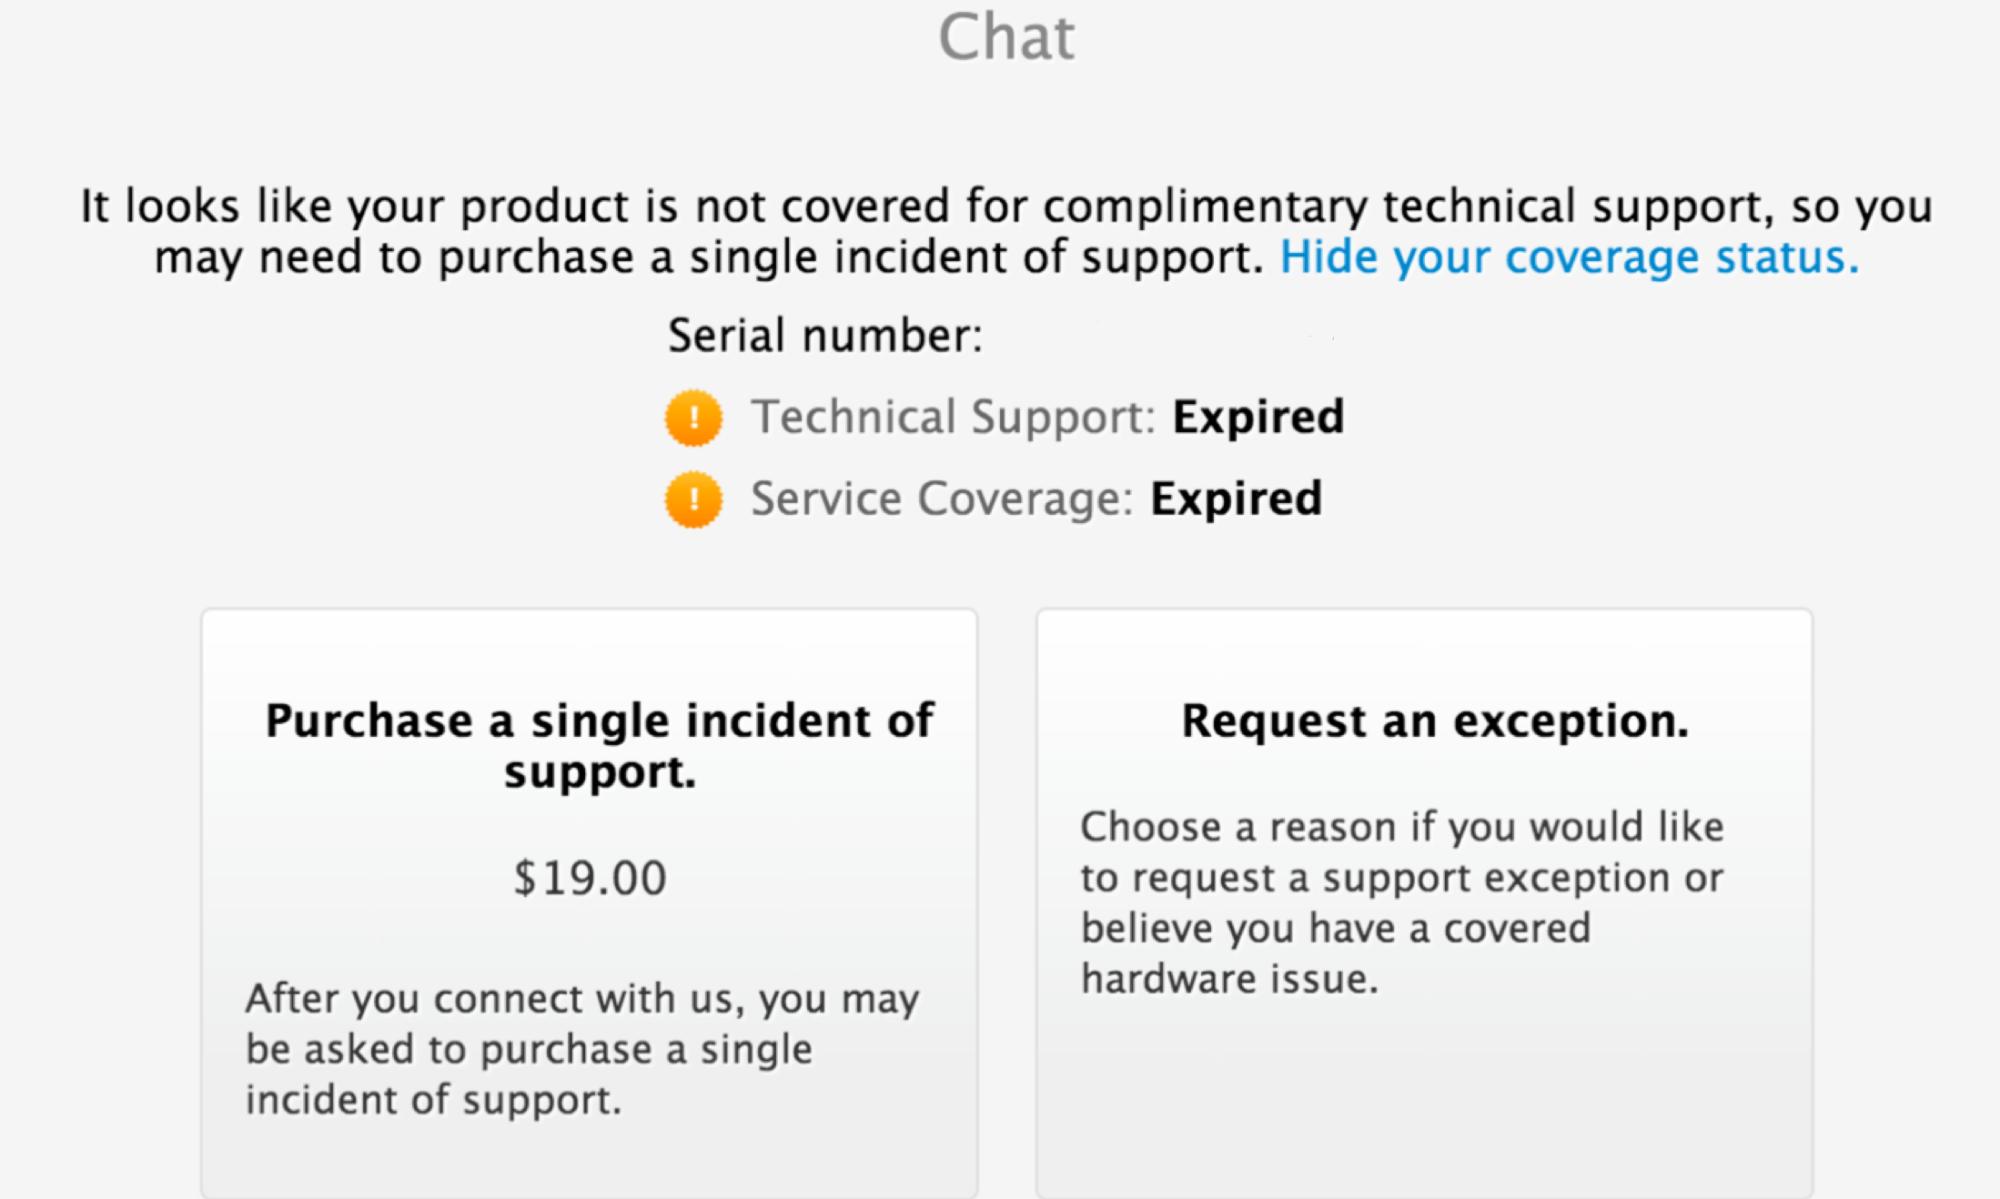 online paid chat support Le support hors garantie par Chat bientôt payant